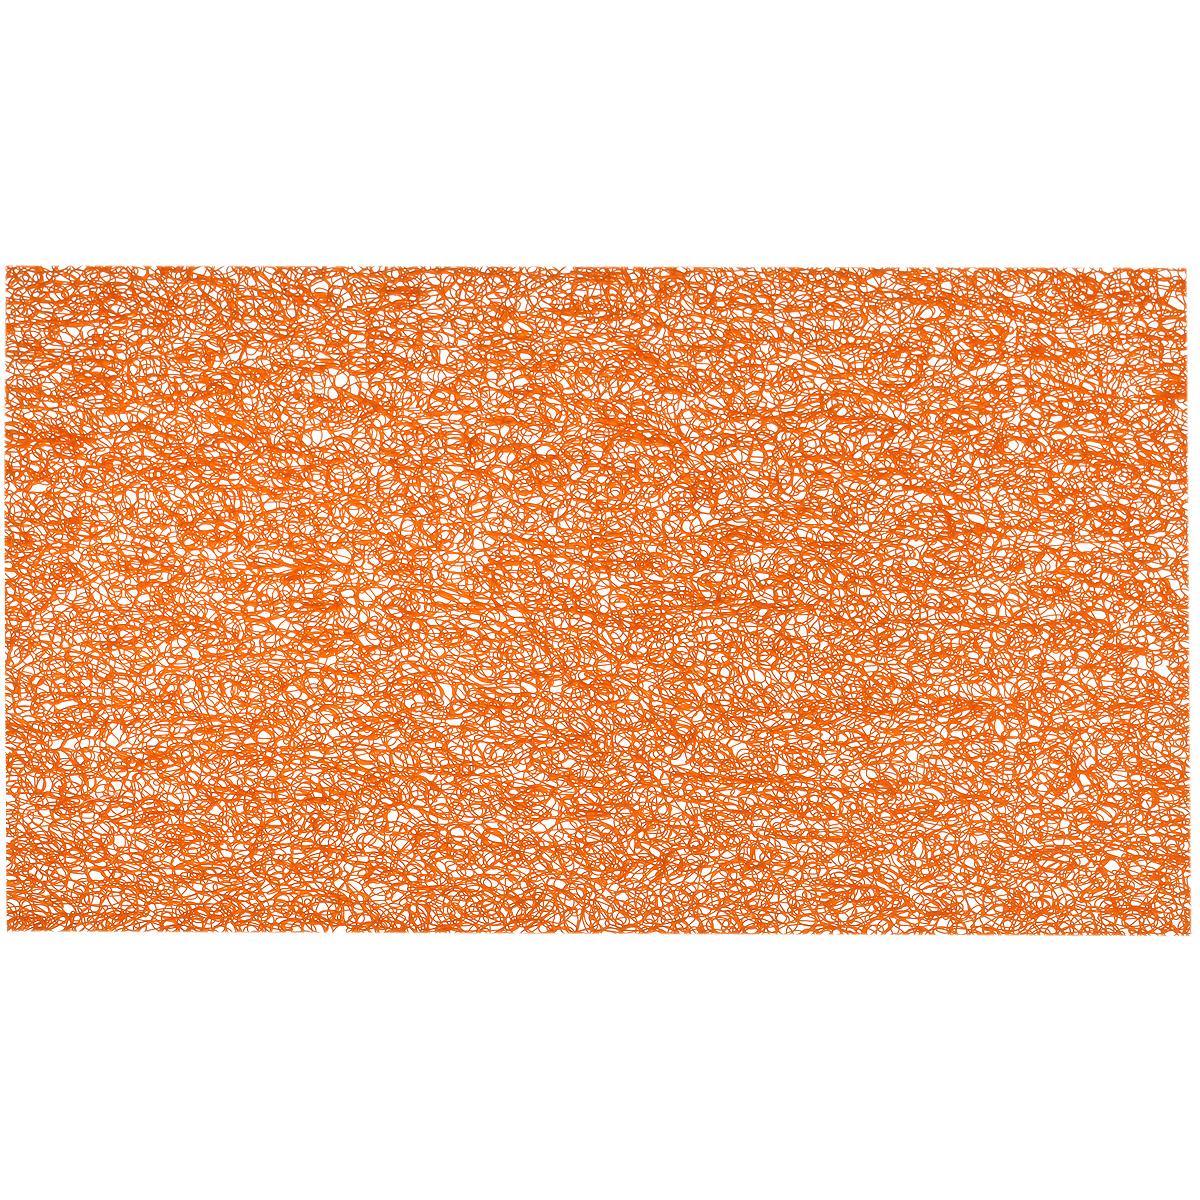 Подставка под горячее Amadeus, цвет: оранжевый, 45 х 30 см 28HZ-902454 009312Прямоугольная подставка под горячее Amadeus выполнена из тонких полимерных нитей, переплетенных между собой. Подставка не боится высоких температур и легко чистится от пятен и жира.Каждая хозяйка знает, что подставка под горячее - это незаменимый и очень полезный аксессуар на каждой кухне. Ваш стол будет не только украшен оригинальной подставкой, но и сбережен от воздействия высоких температур ваших кулинарных шедевров.Размер подставки: 45 см х 30 см.